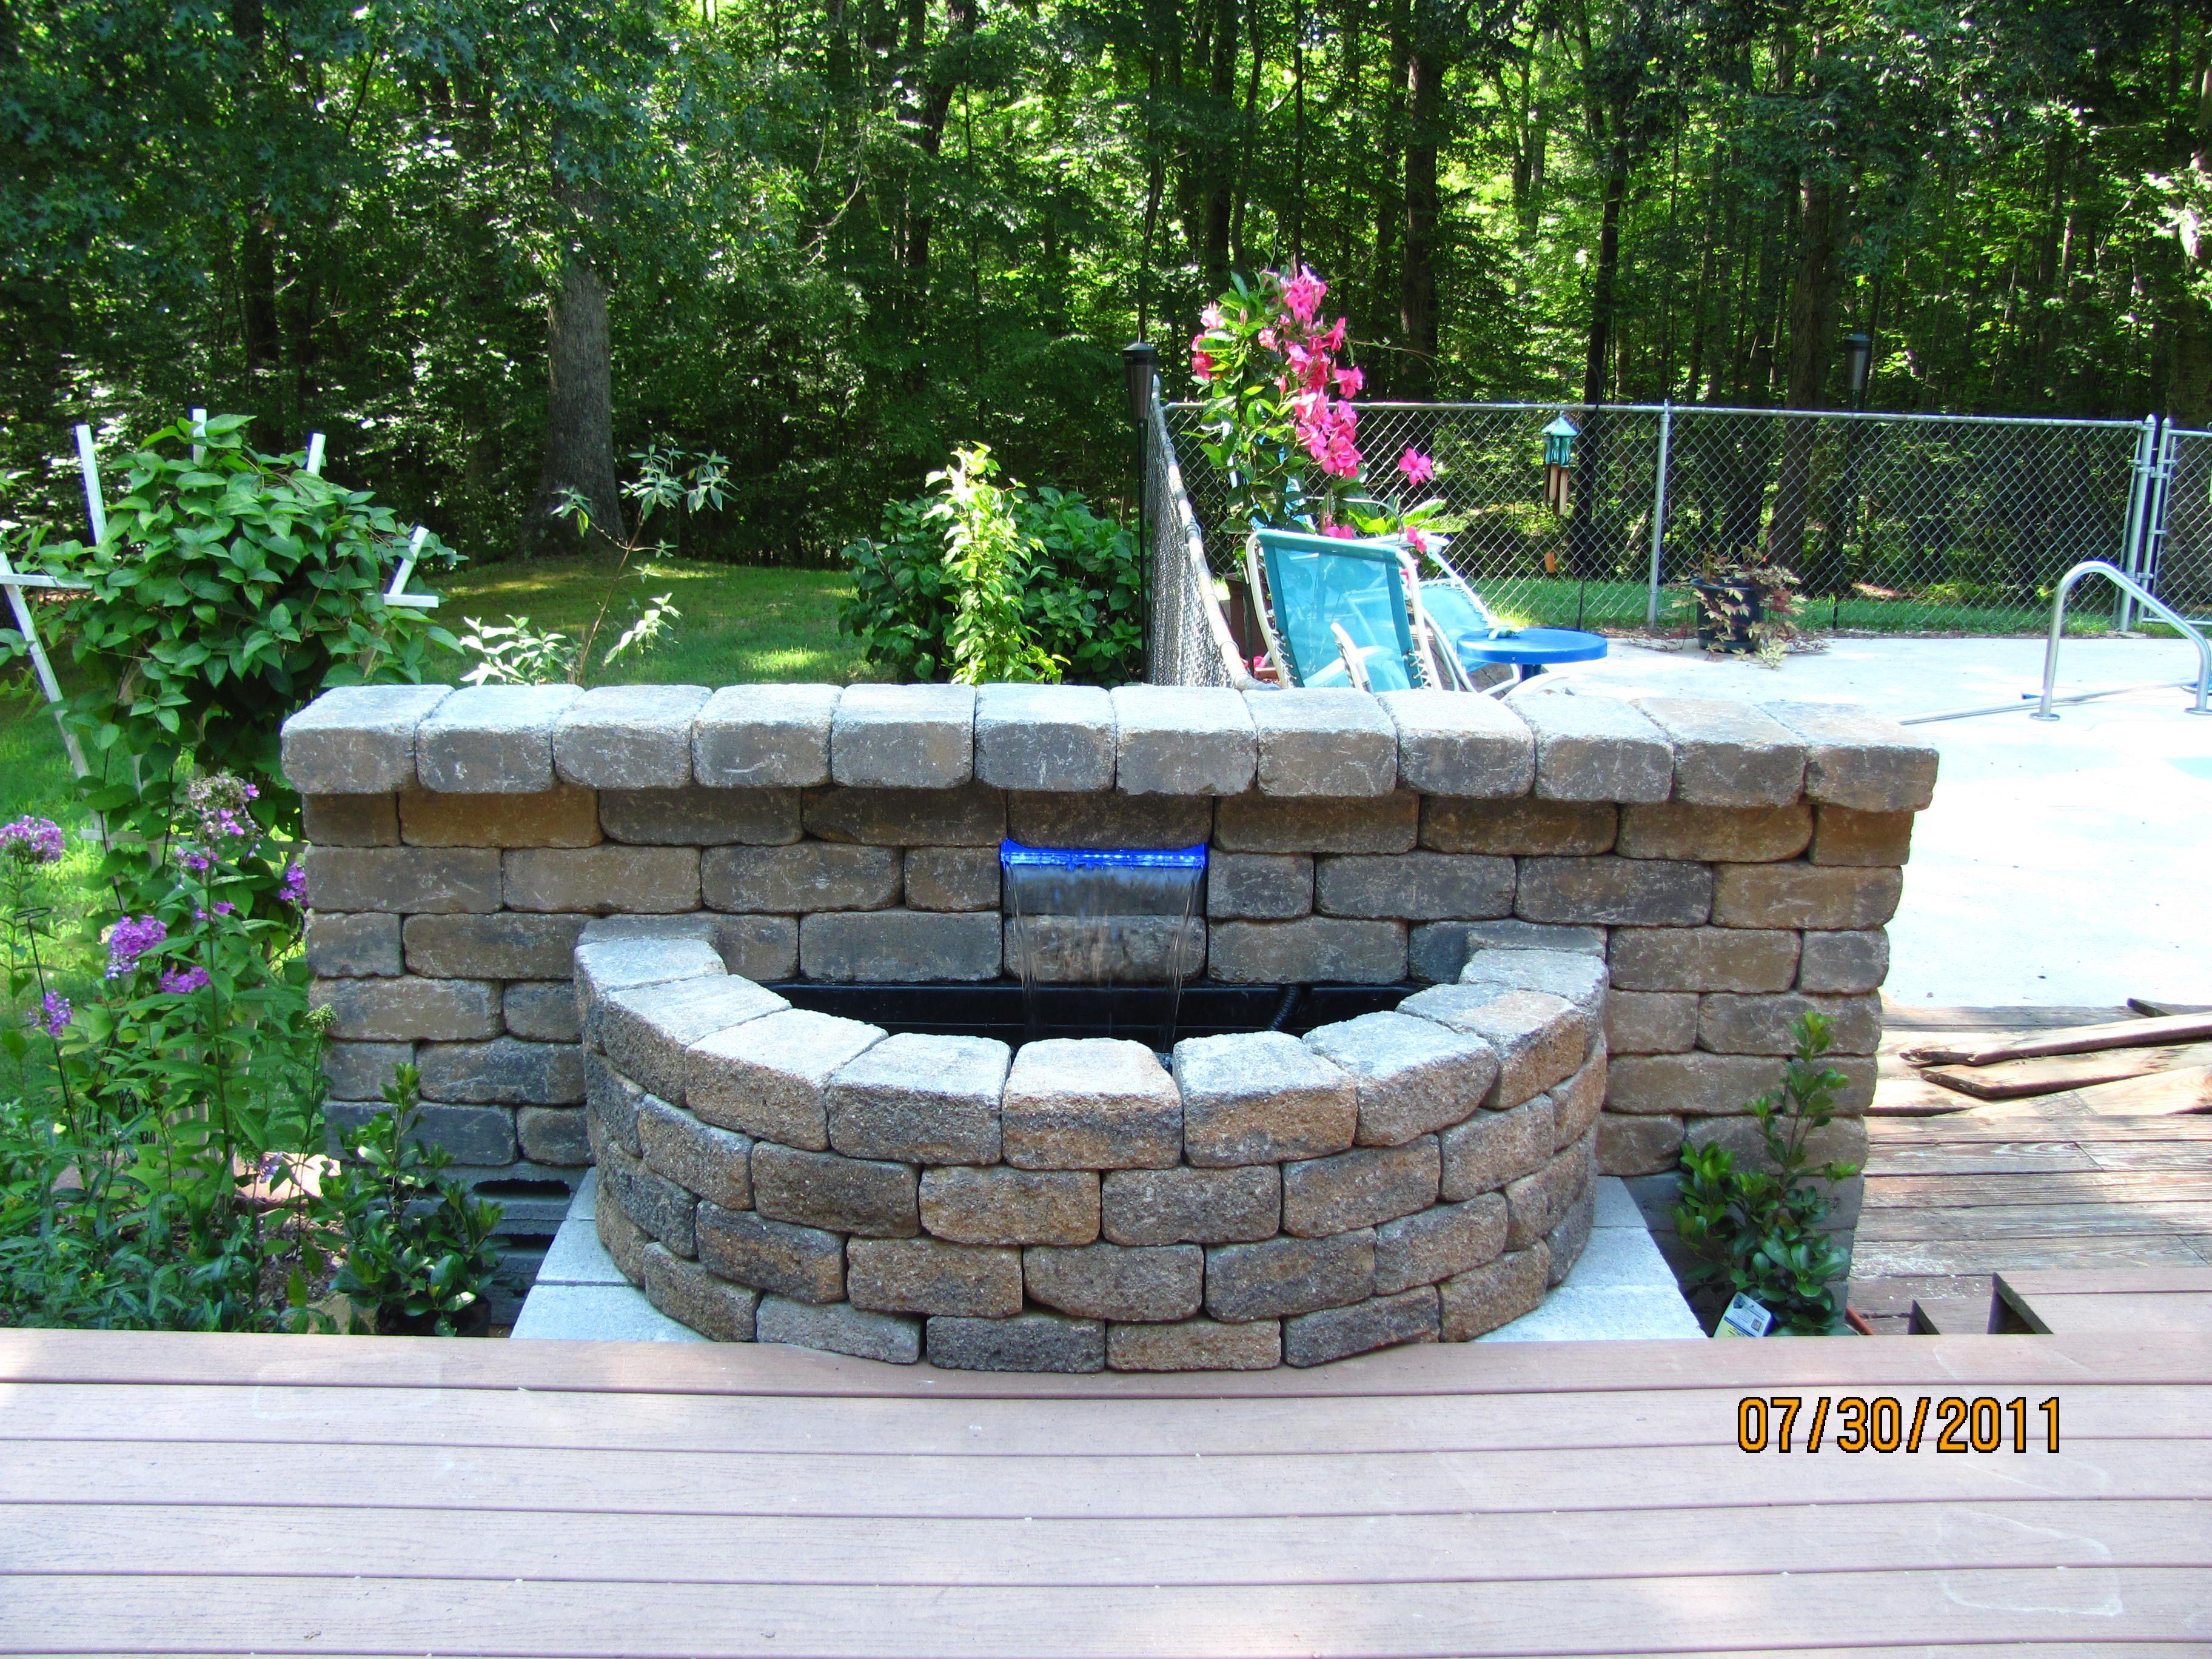 Garden fire features  every garden needs a water feature  My Garden  Pinterest  Water